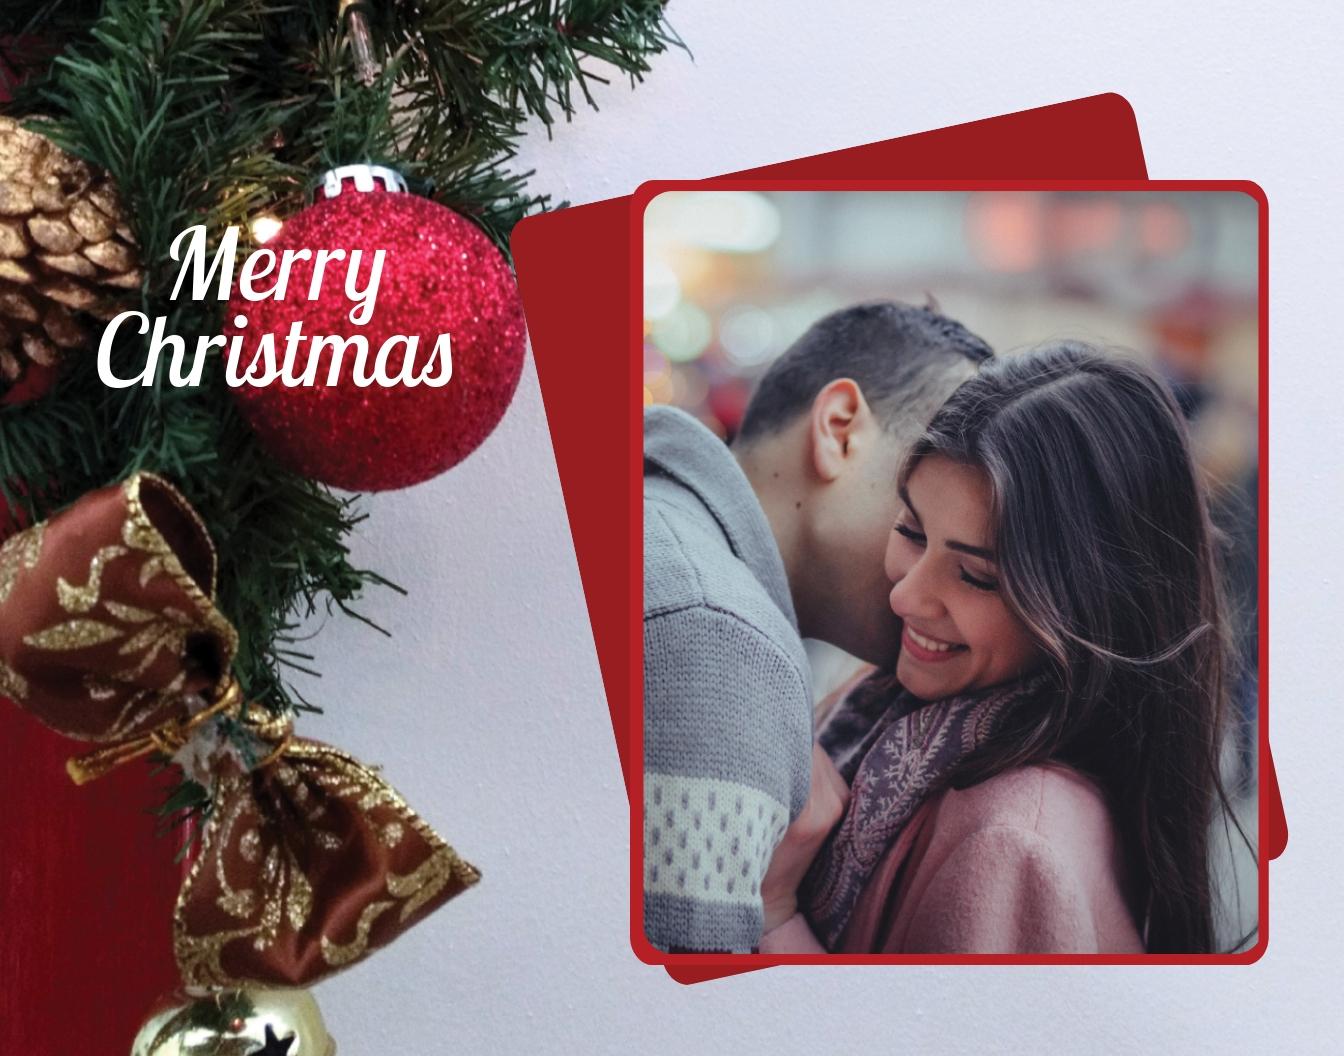 Christmas Photo Frame Template